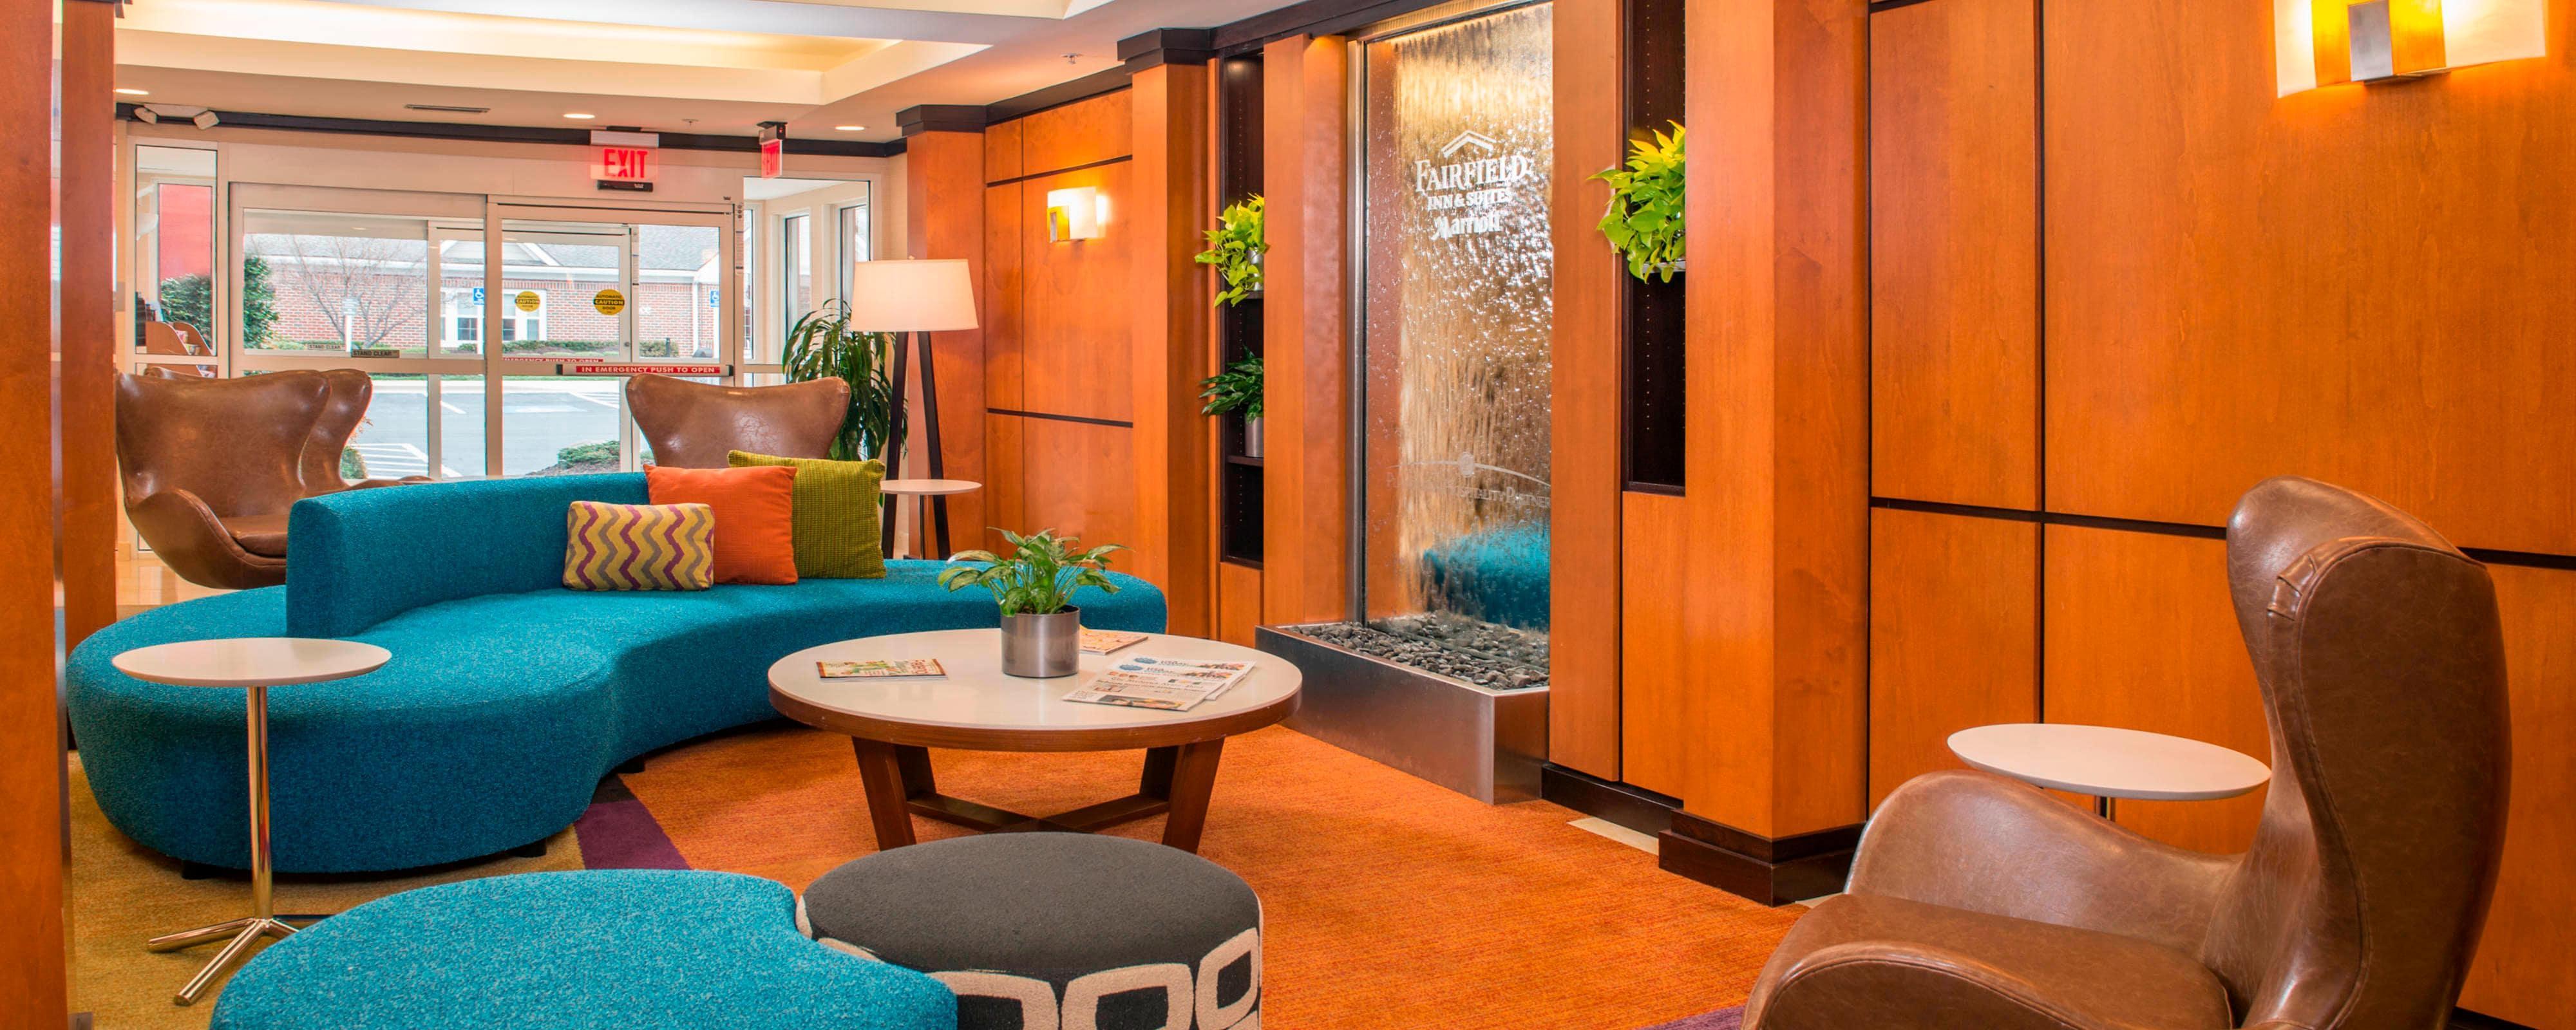 Frederick Fairfield Hotel Lobby